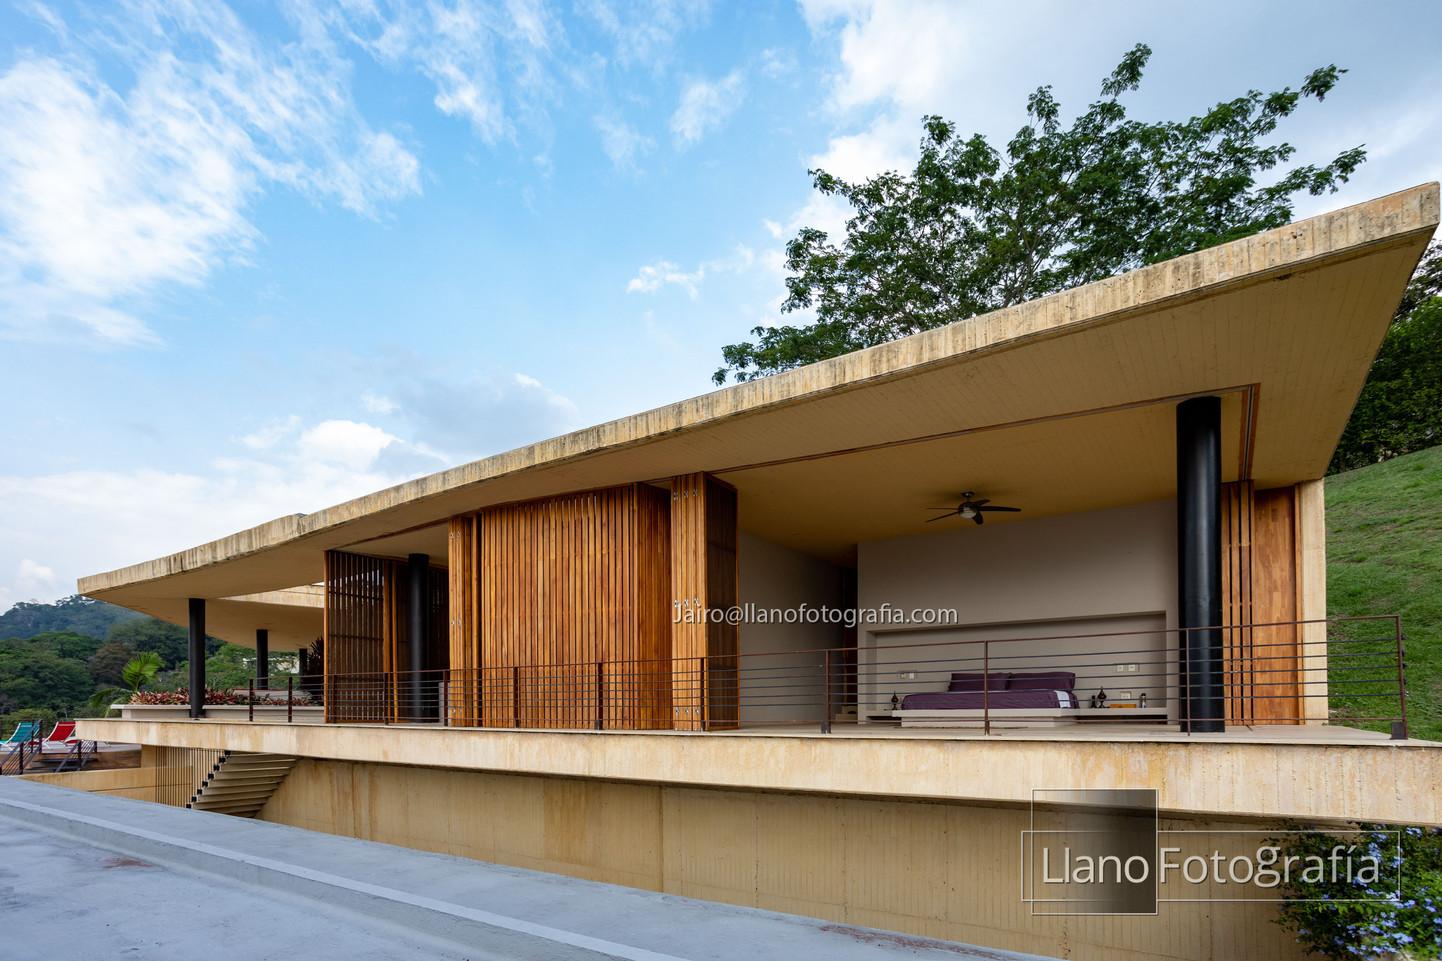 46-ARE Dos Maderos - LlanoFotografia -2189